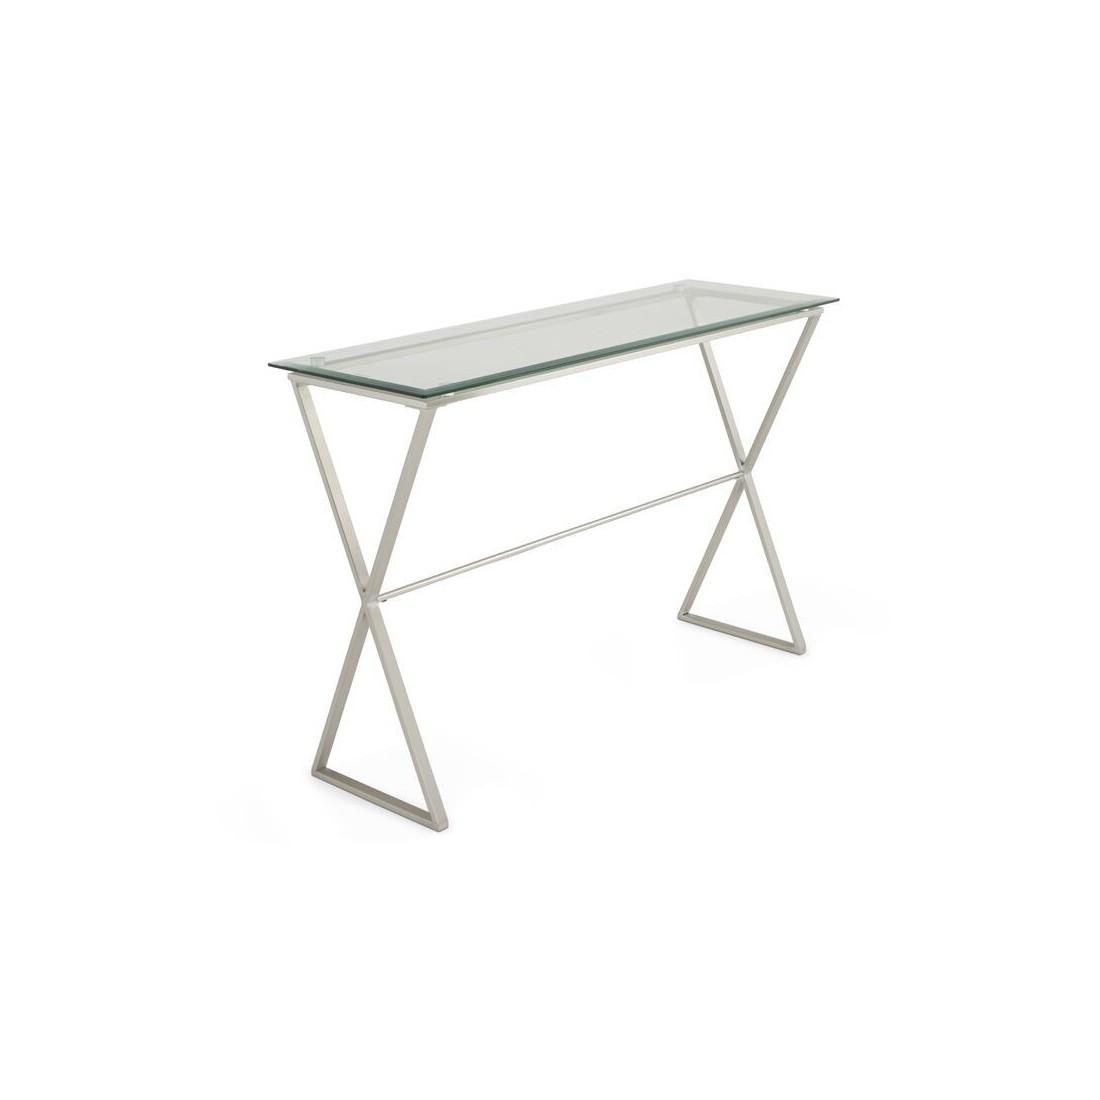 Spirit Home - Spirit KIS konzolový stůl